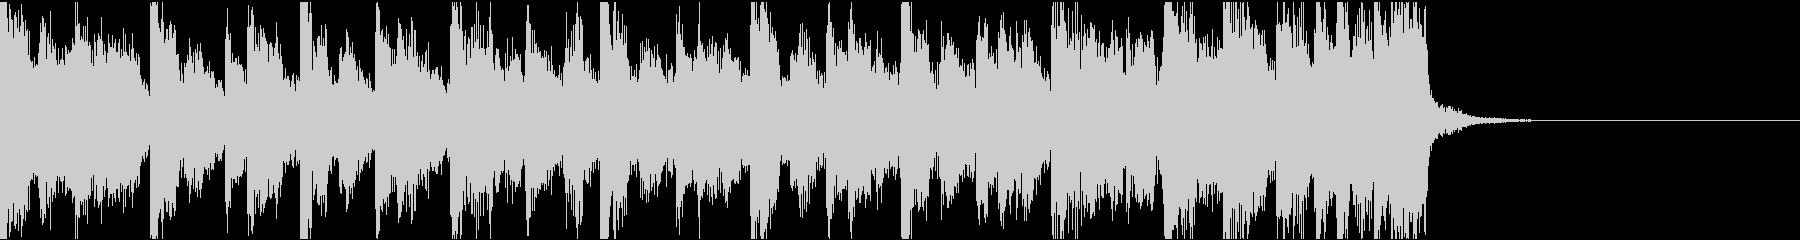 不安定、電子音ダーク/ジングルの未再生の波形